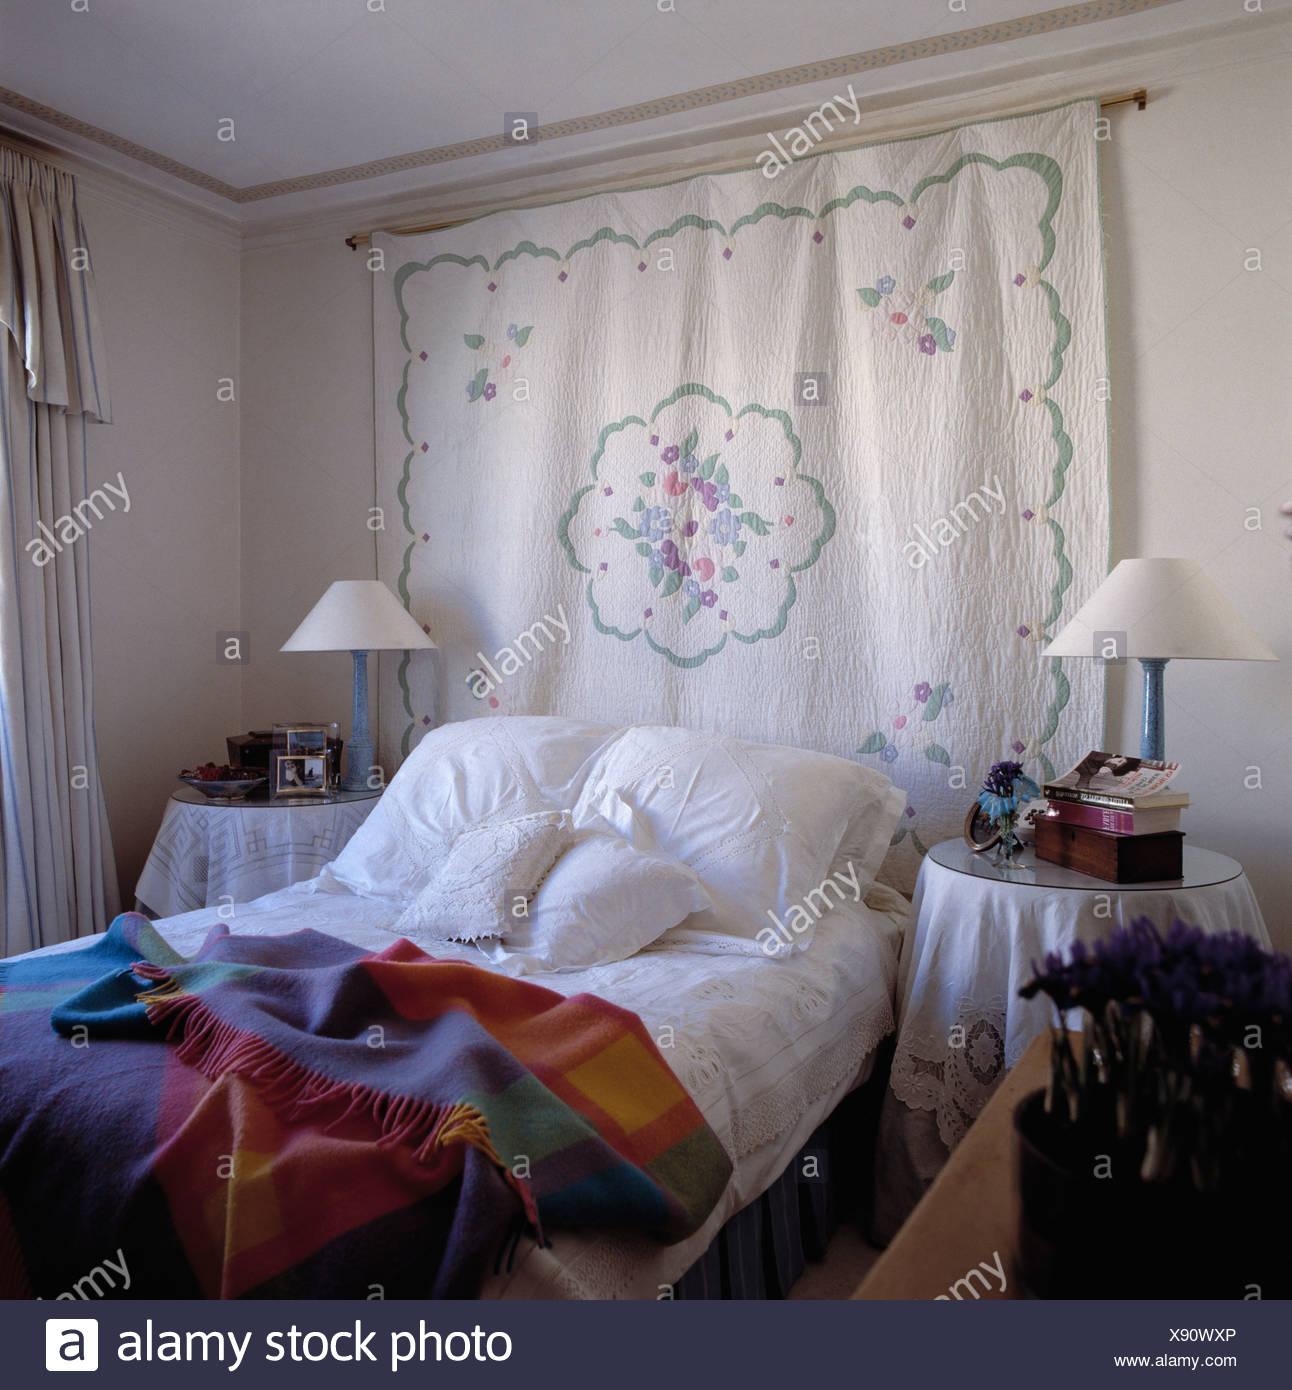 Patchwork Quilt An Wand Uber Dem Bett Mit Weissen Kissen Und